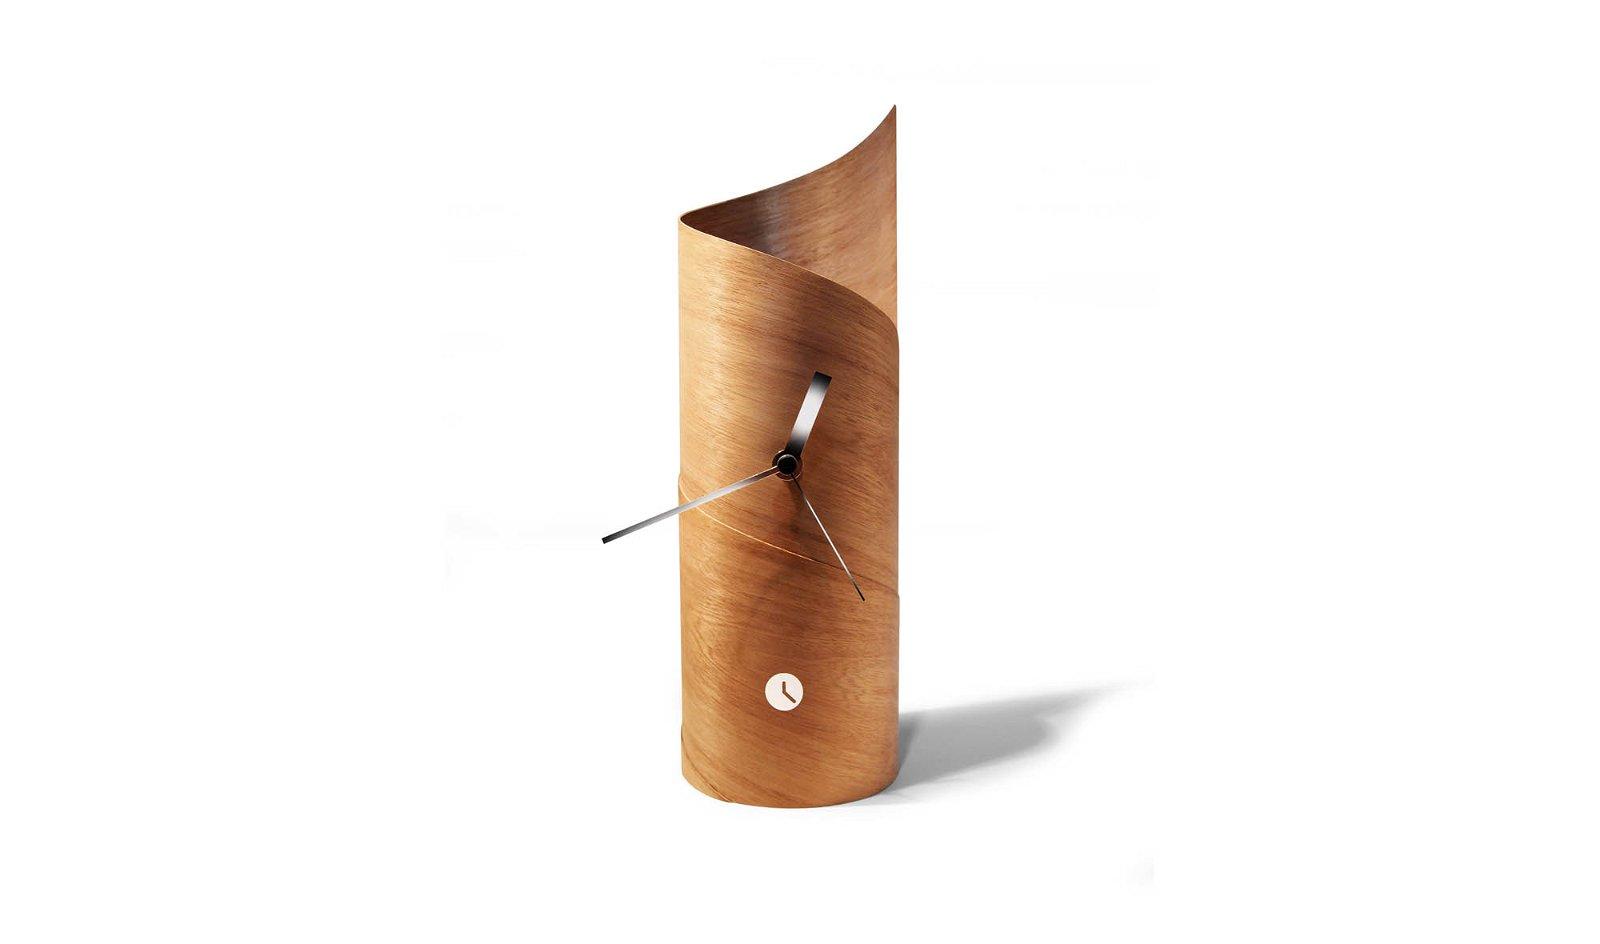 Reloj de Sobremesa Surf by Tothora